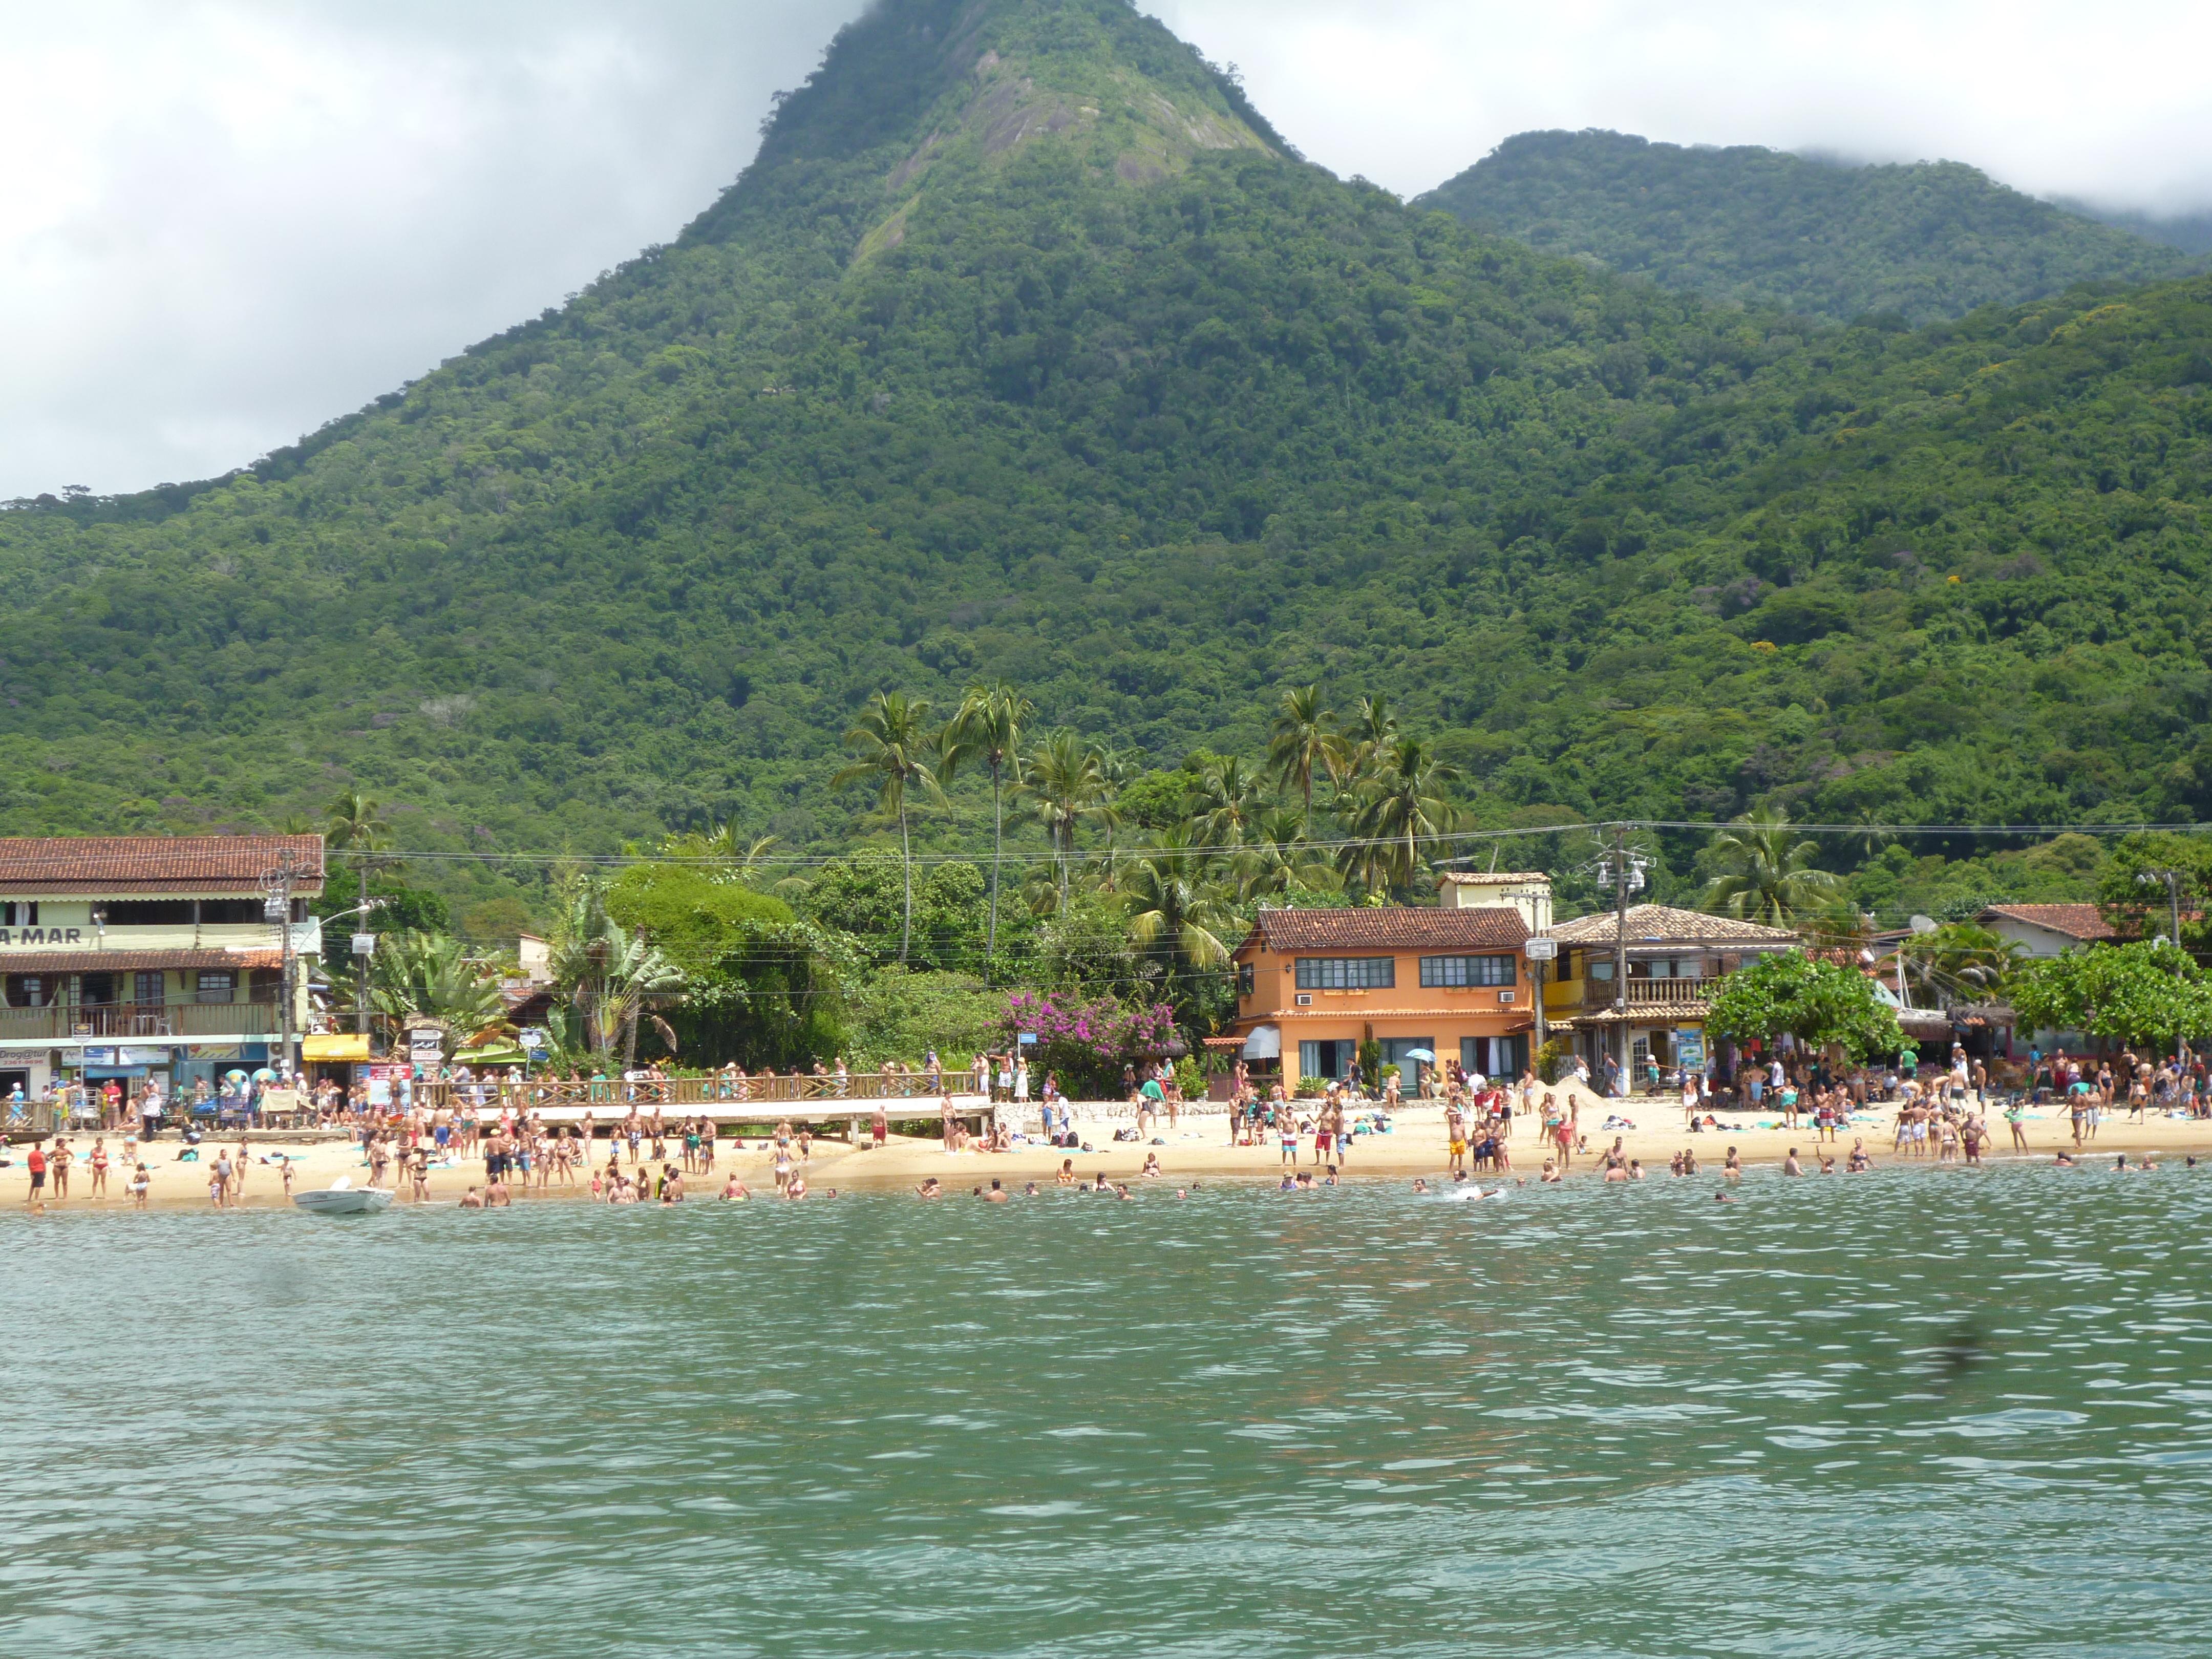 arrivée sur Ilha Grande, la foret tropicale est impréssionnante